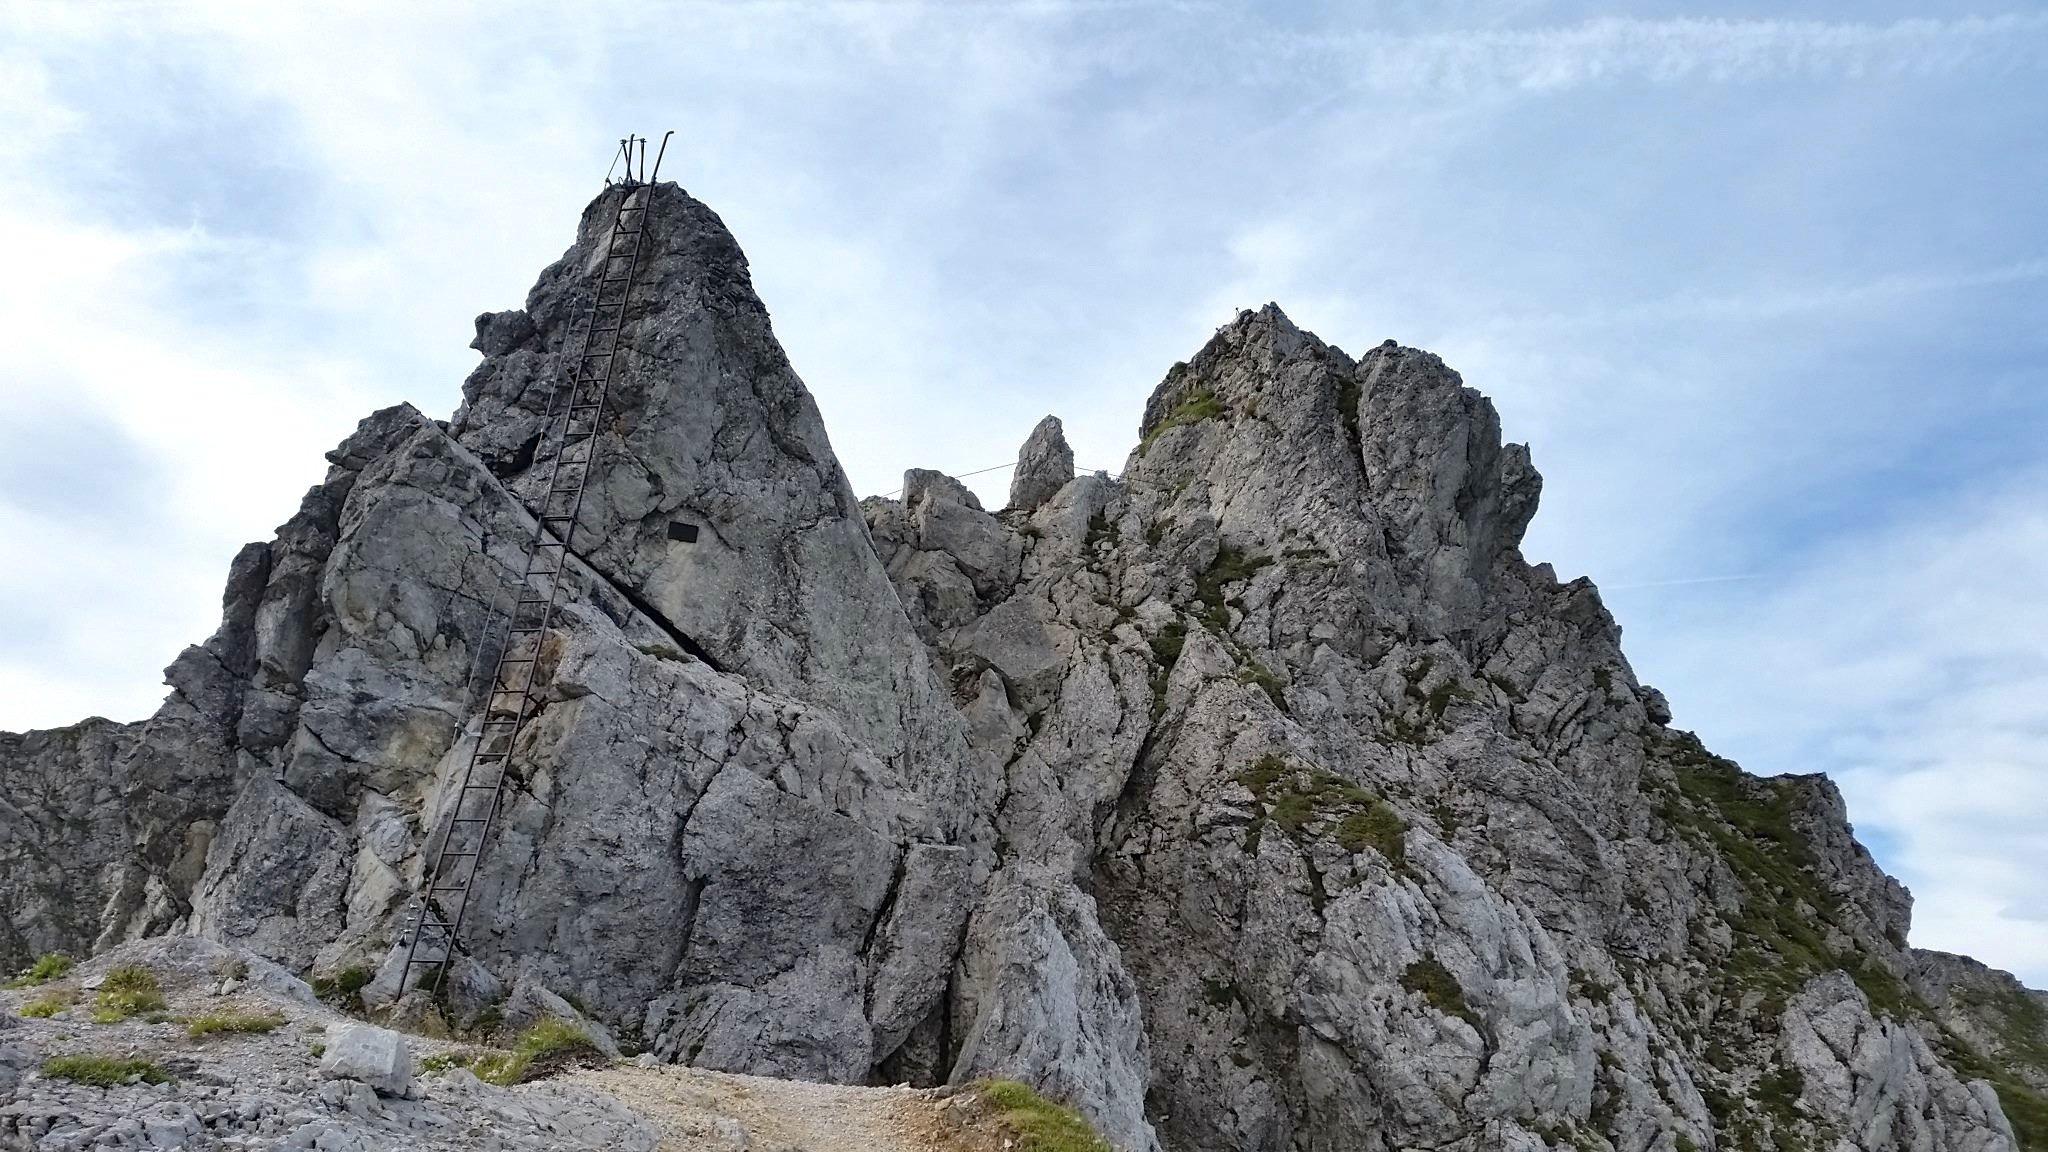 Ziele - Große Klammspitze (2.280m): Die Hohen Gänge sind zwar drahtversichert, aber nicht ganz ohne (© airfreshing.com)